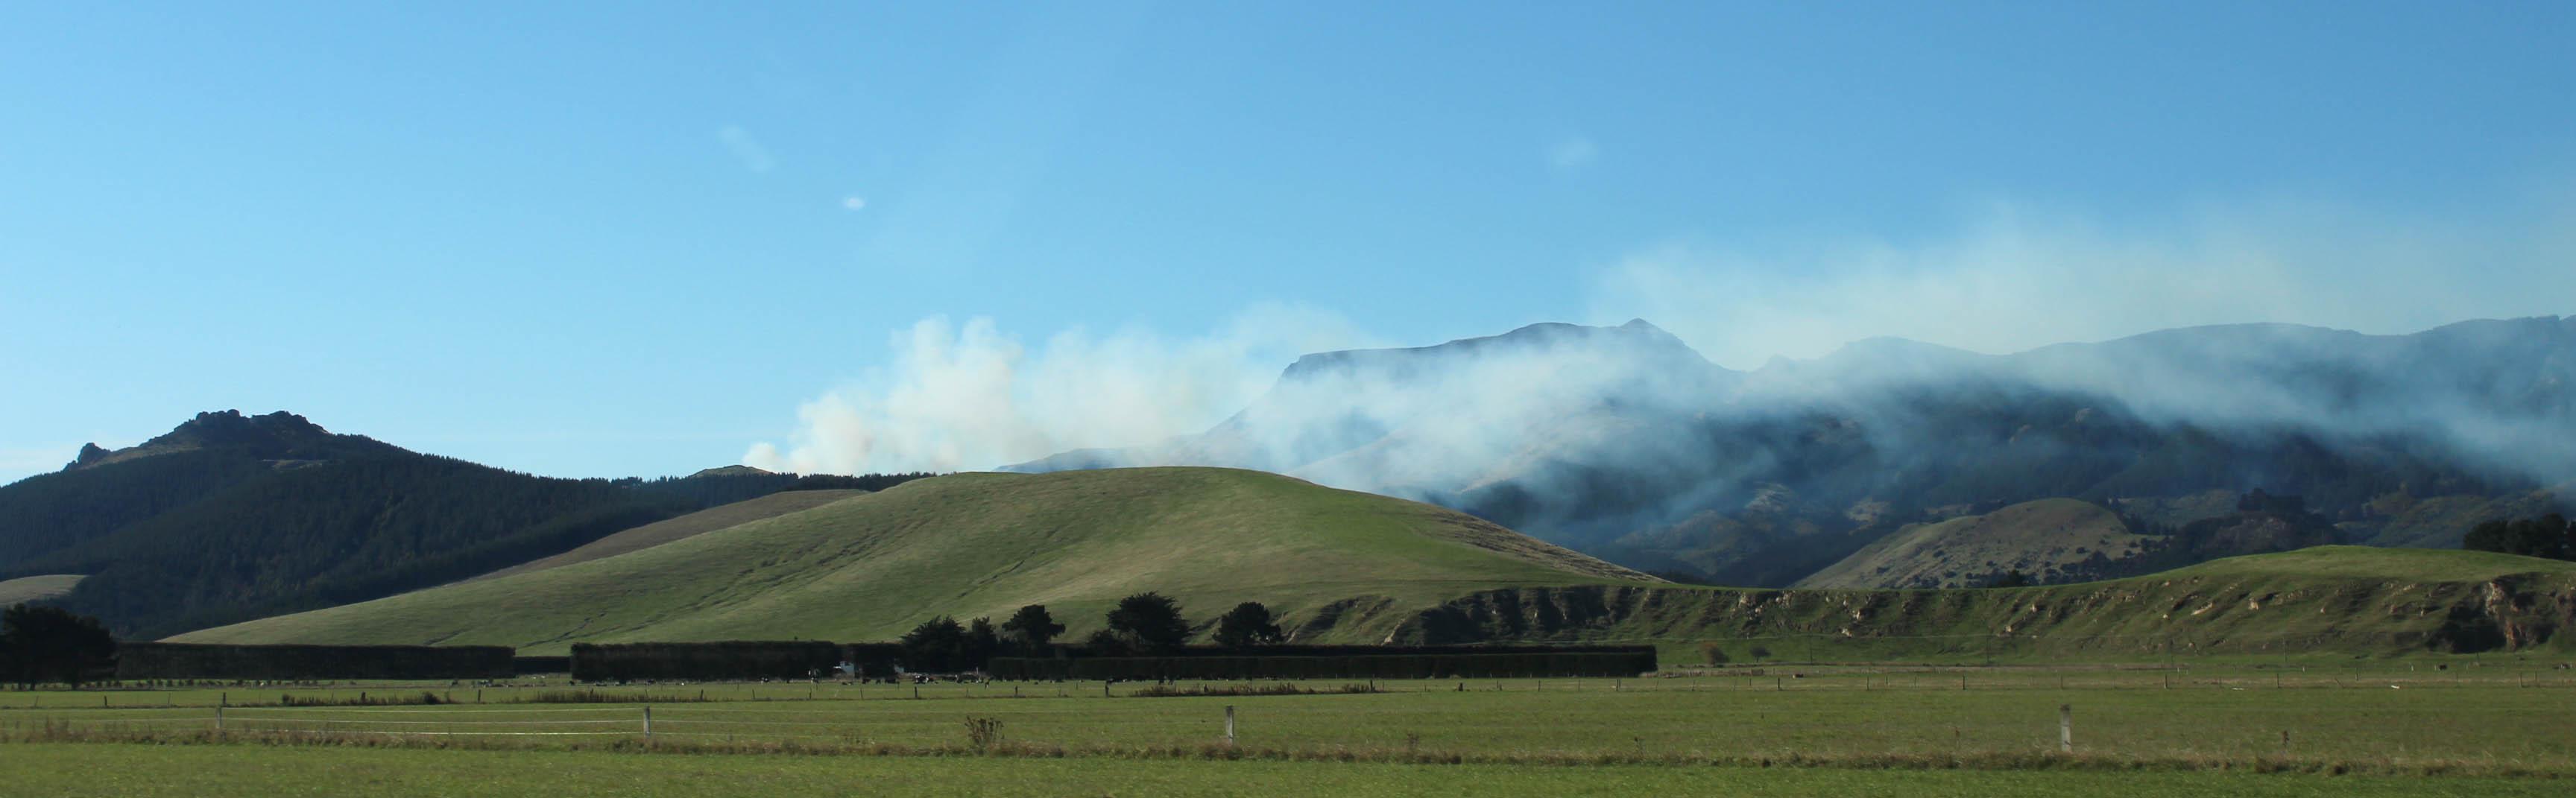 Nouvelle Zélande - Arthur's pass & Akaroa - les lubies de louise (17 sur 46)